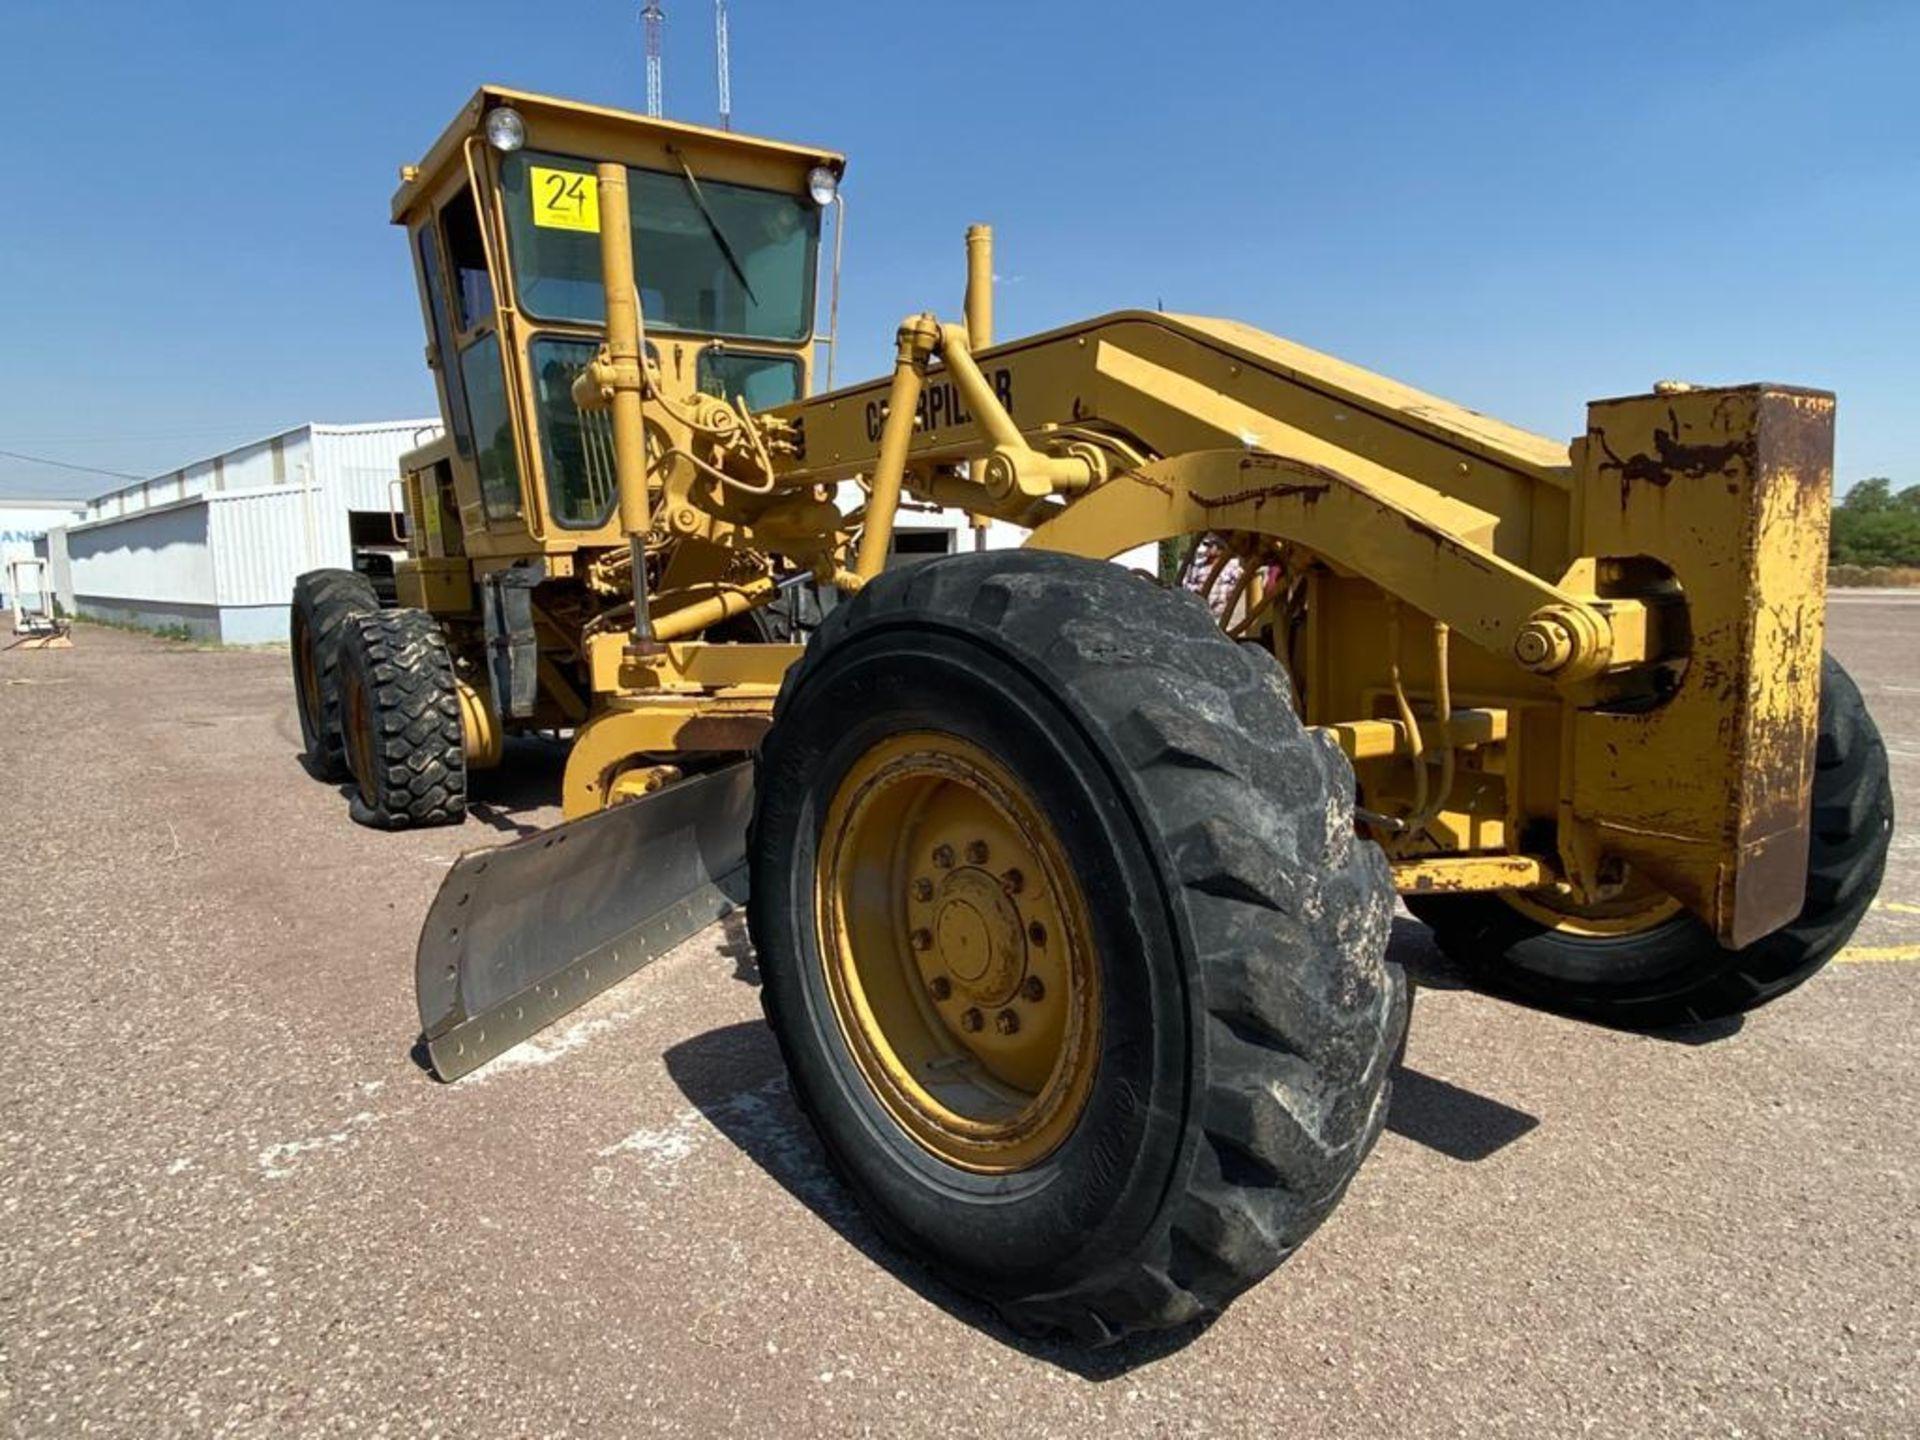 Caterpillar 120G Motor Grader, Serial number 87V09646, Motor number PQ883-2/07Z28983